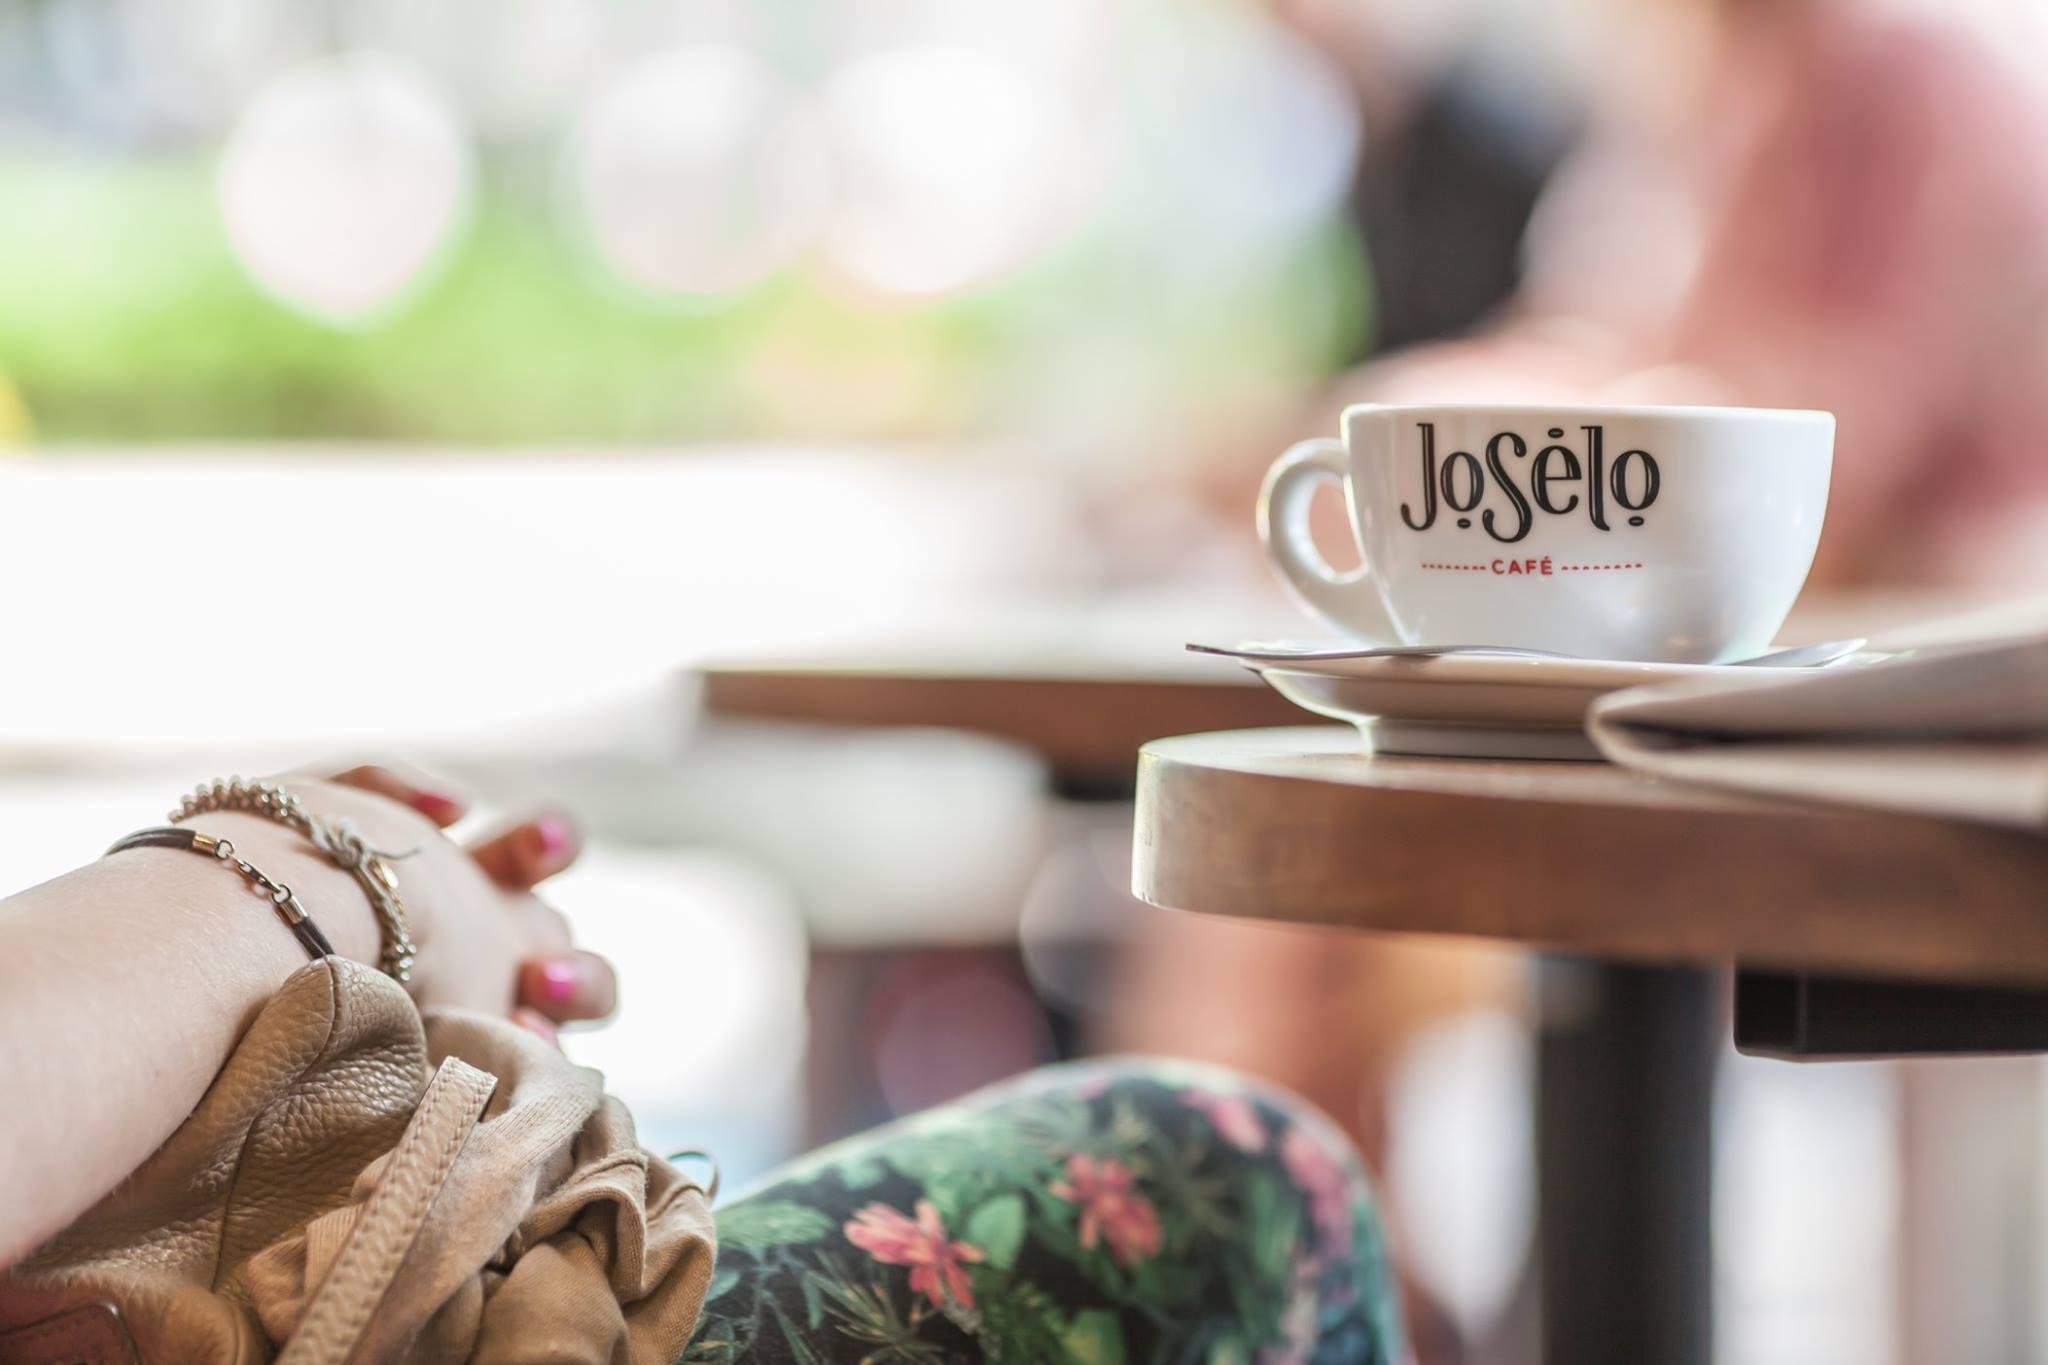 joselo-polanco-cafes